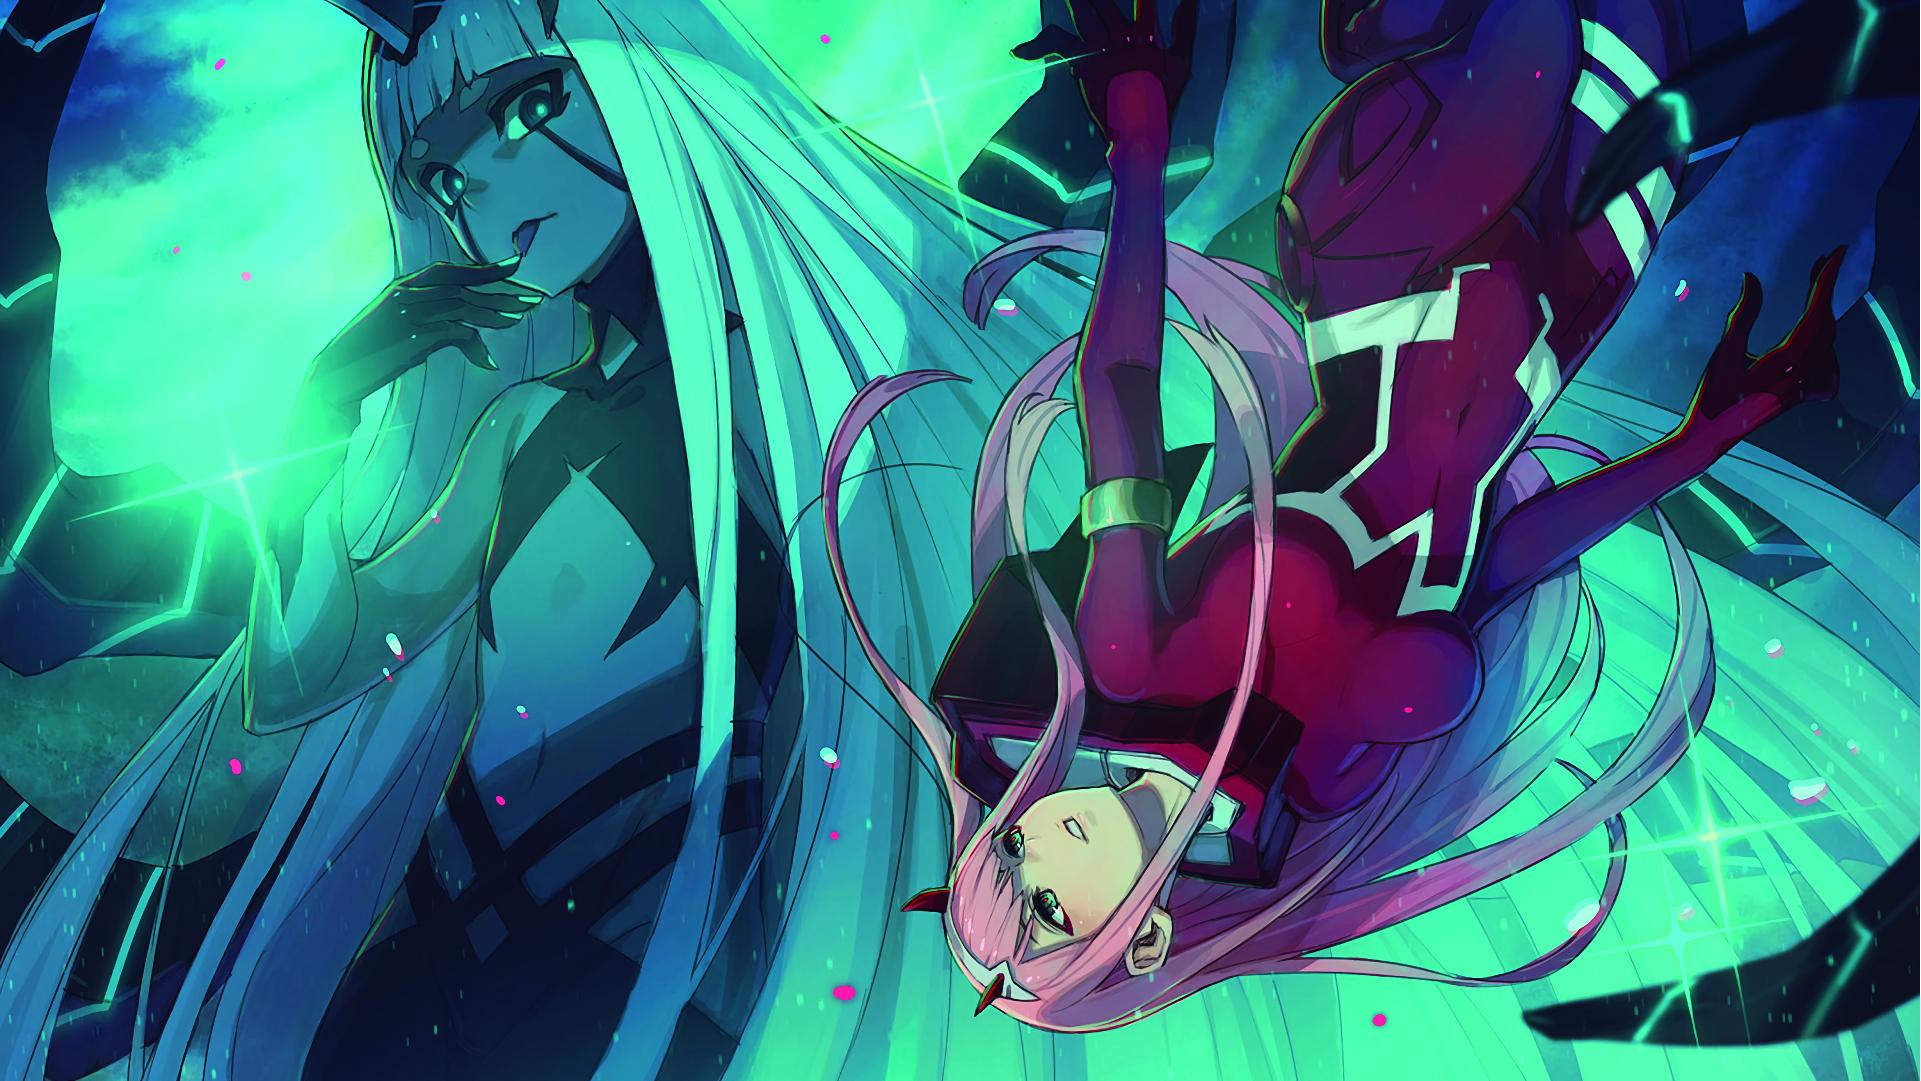 Animes dublados na Crunchyroll? Pode acreditar que sim!